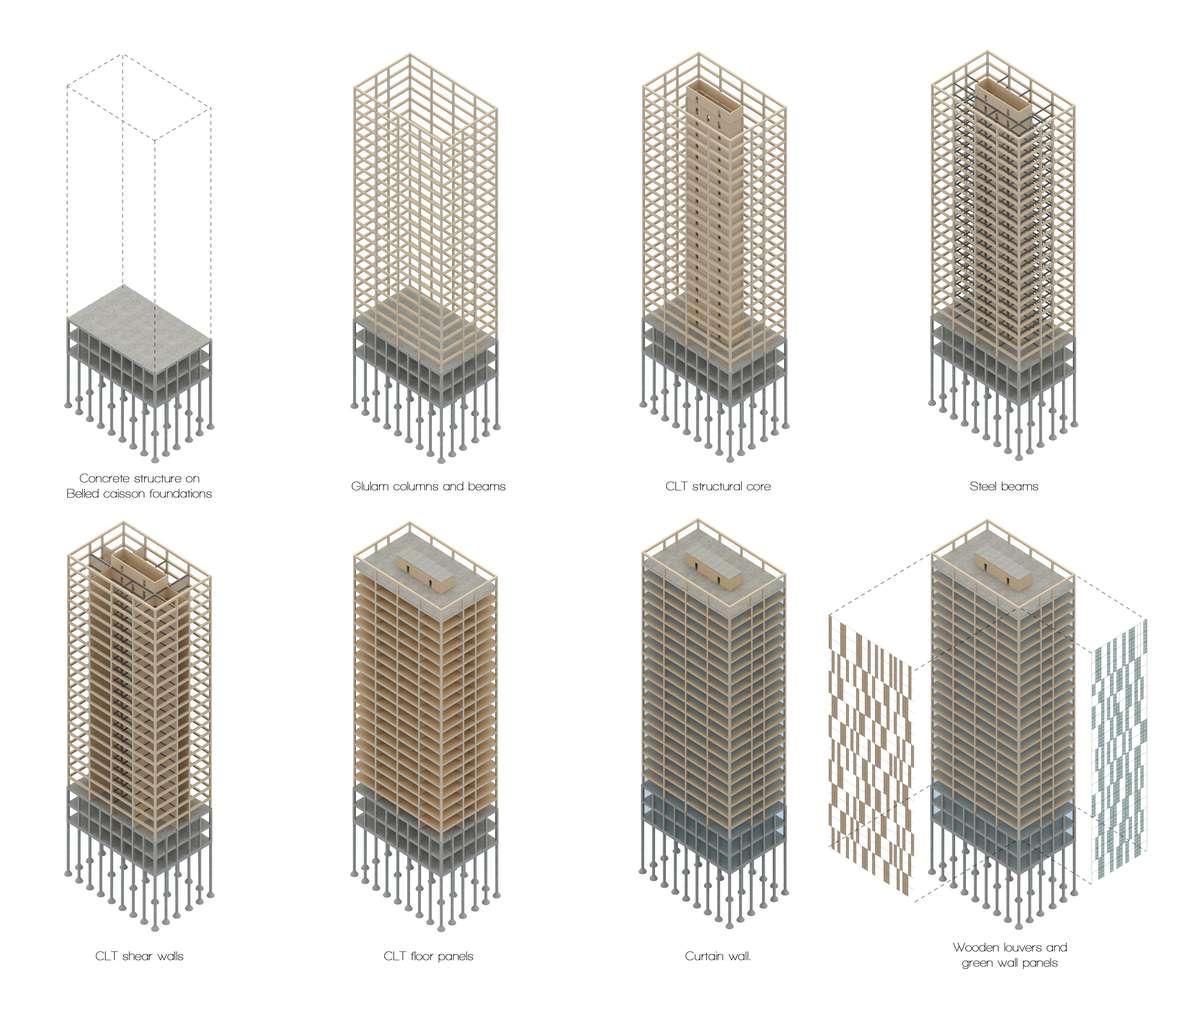 wood skyscraper future architecture